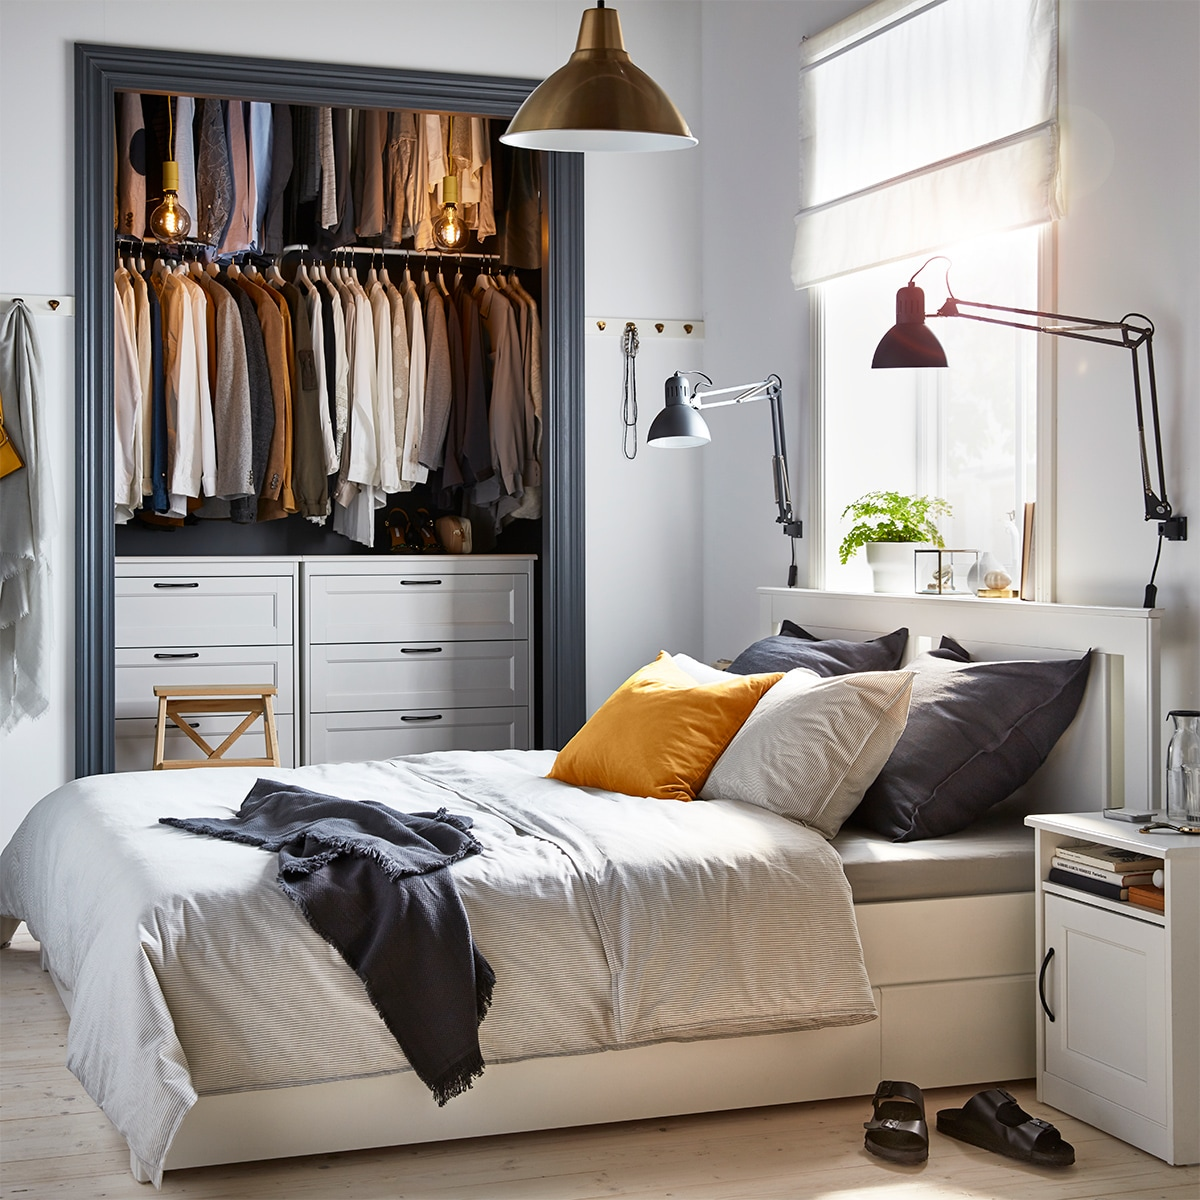 IKEA SONGESAND Bettgestell mit 4 Schubladen in Weiss ist die perfekte 2-in-1-Lösung für kleine Schlafzimmer.